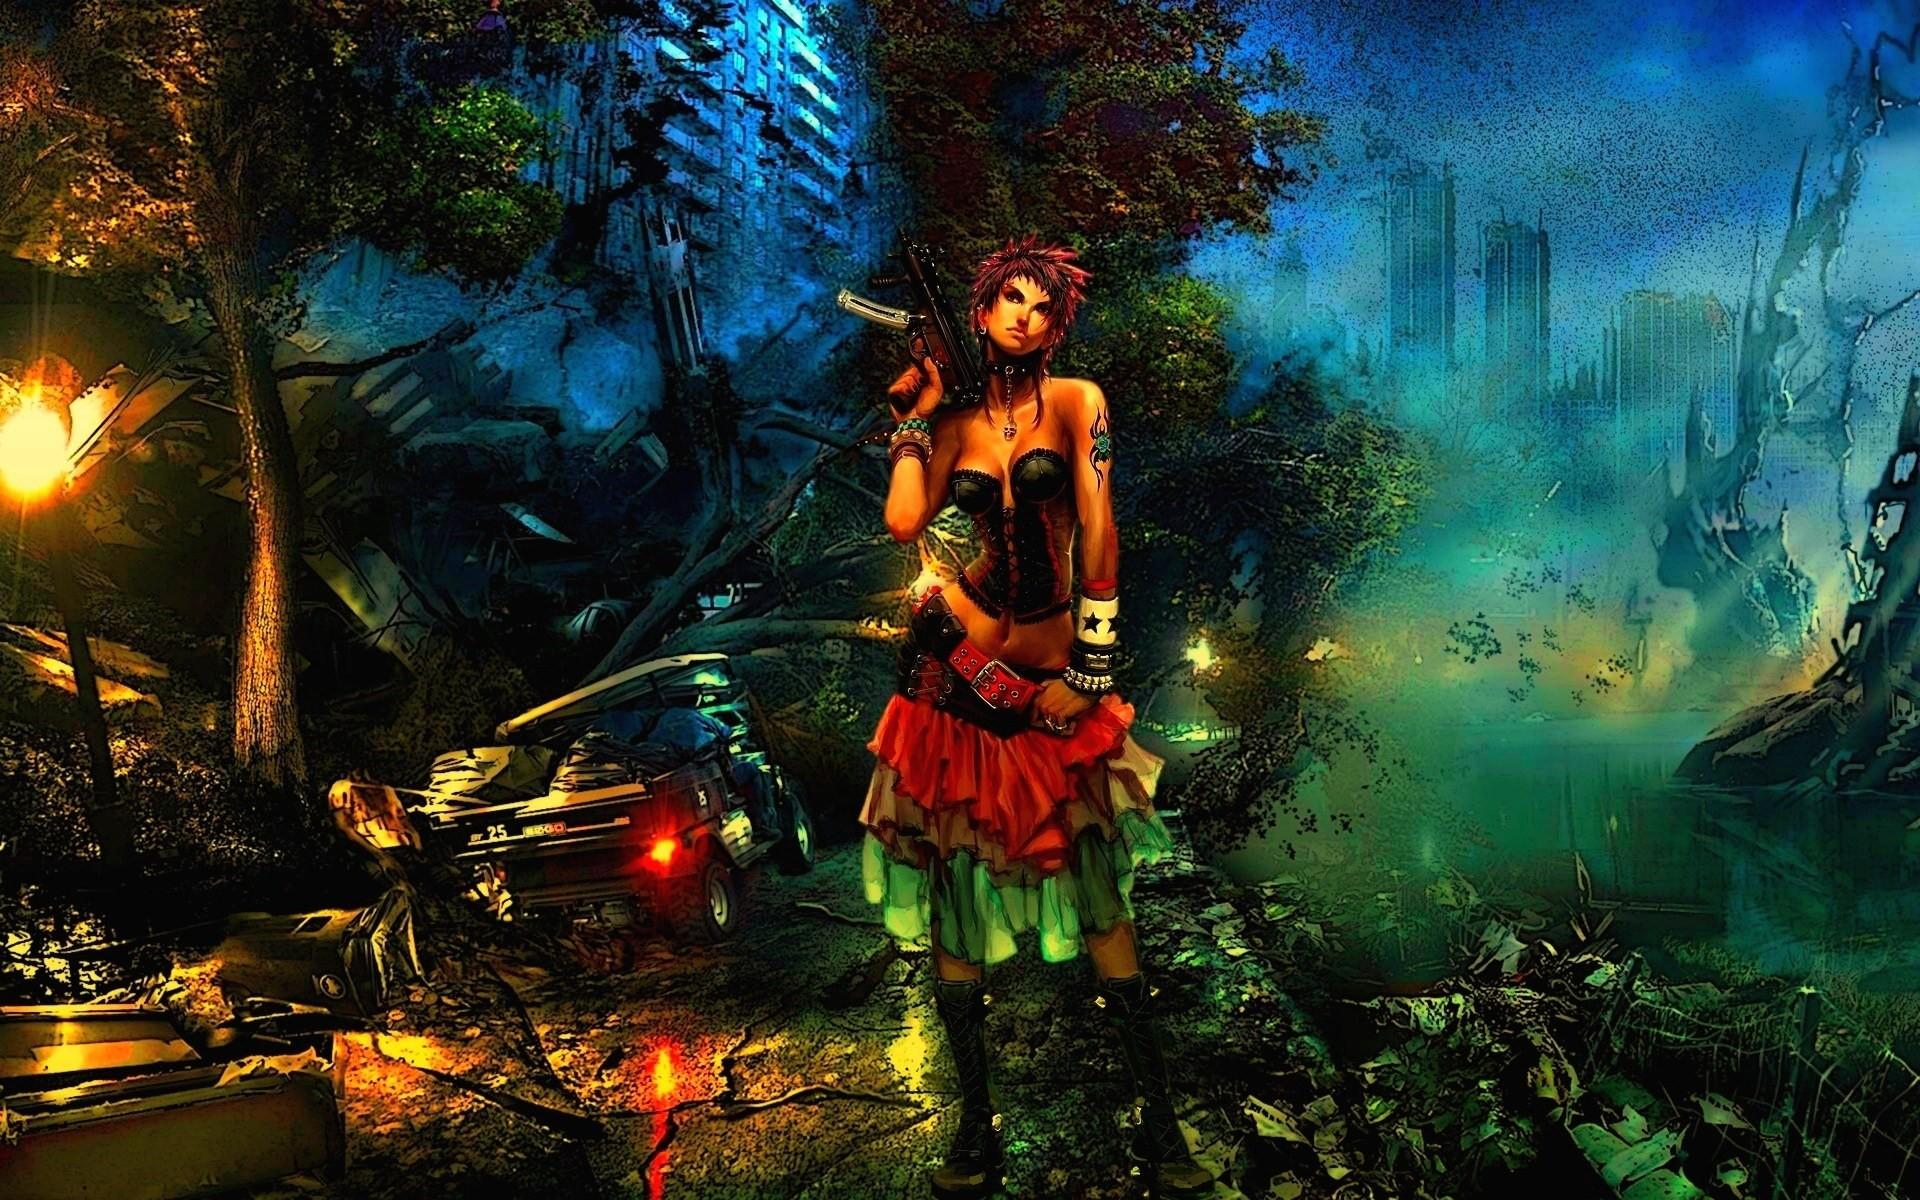 Fantasy Desktop Wallpaper Download Free Cool Full HD